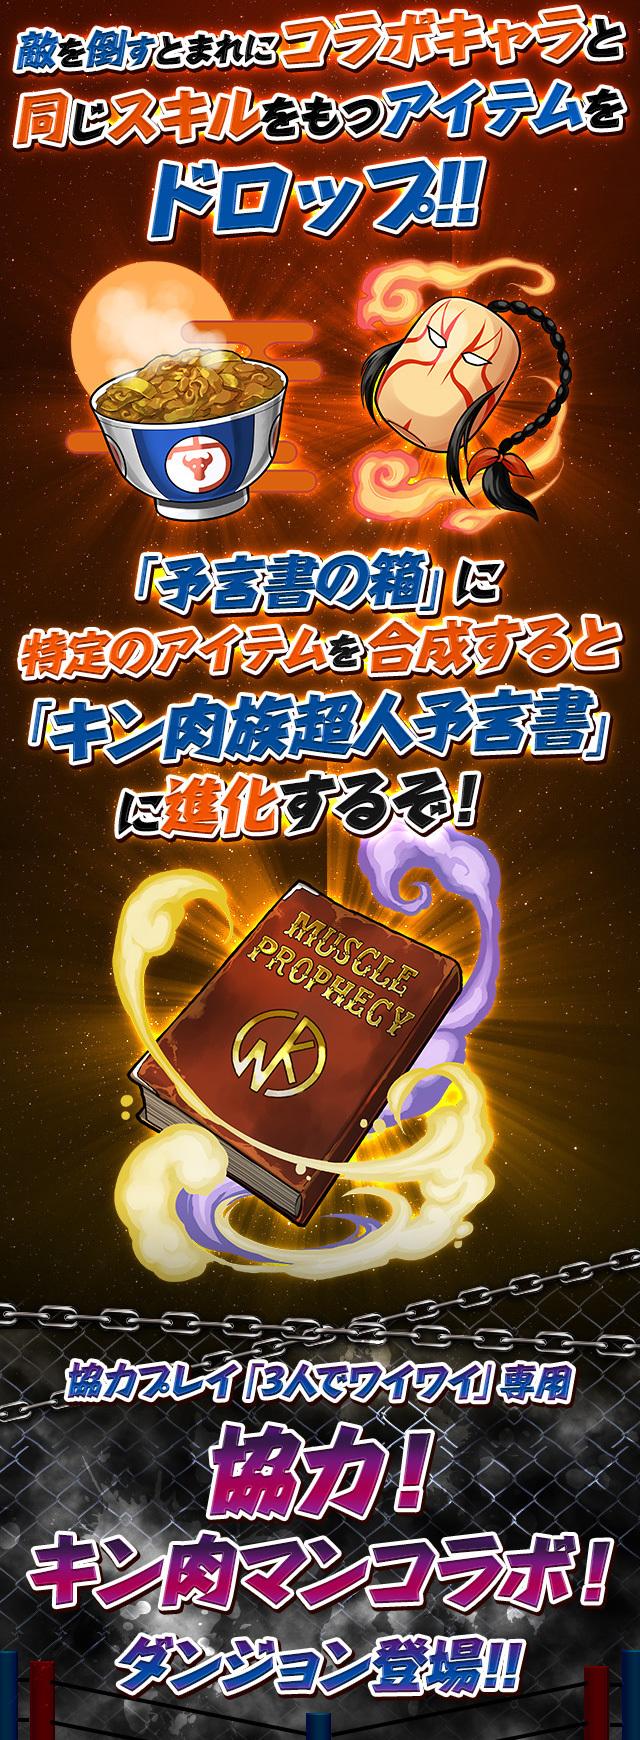 12_20170810124238517.jpg